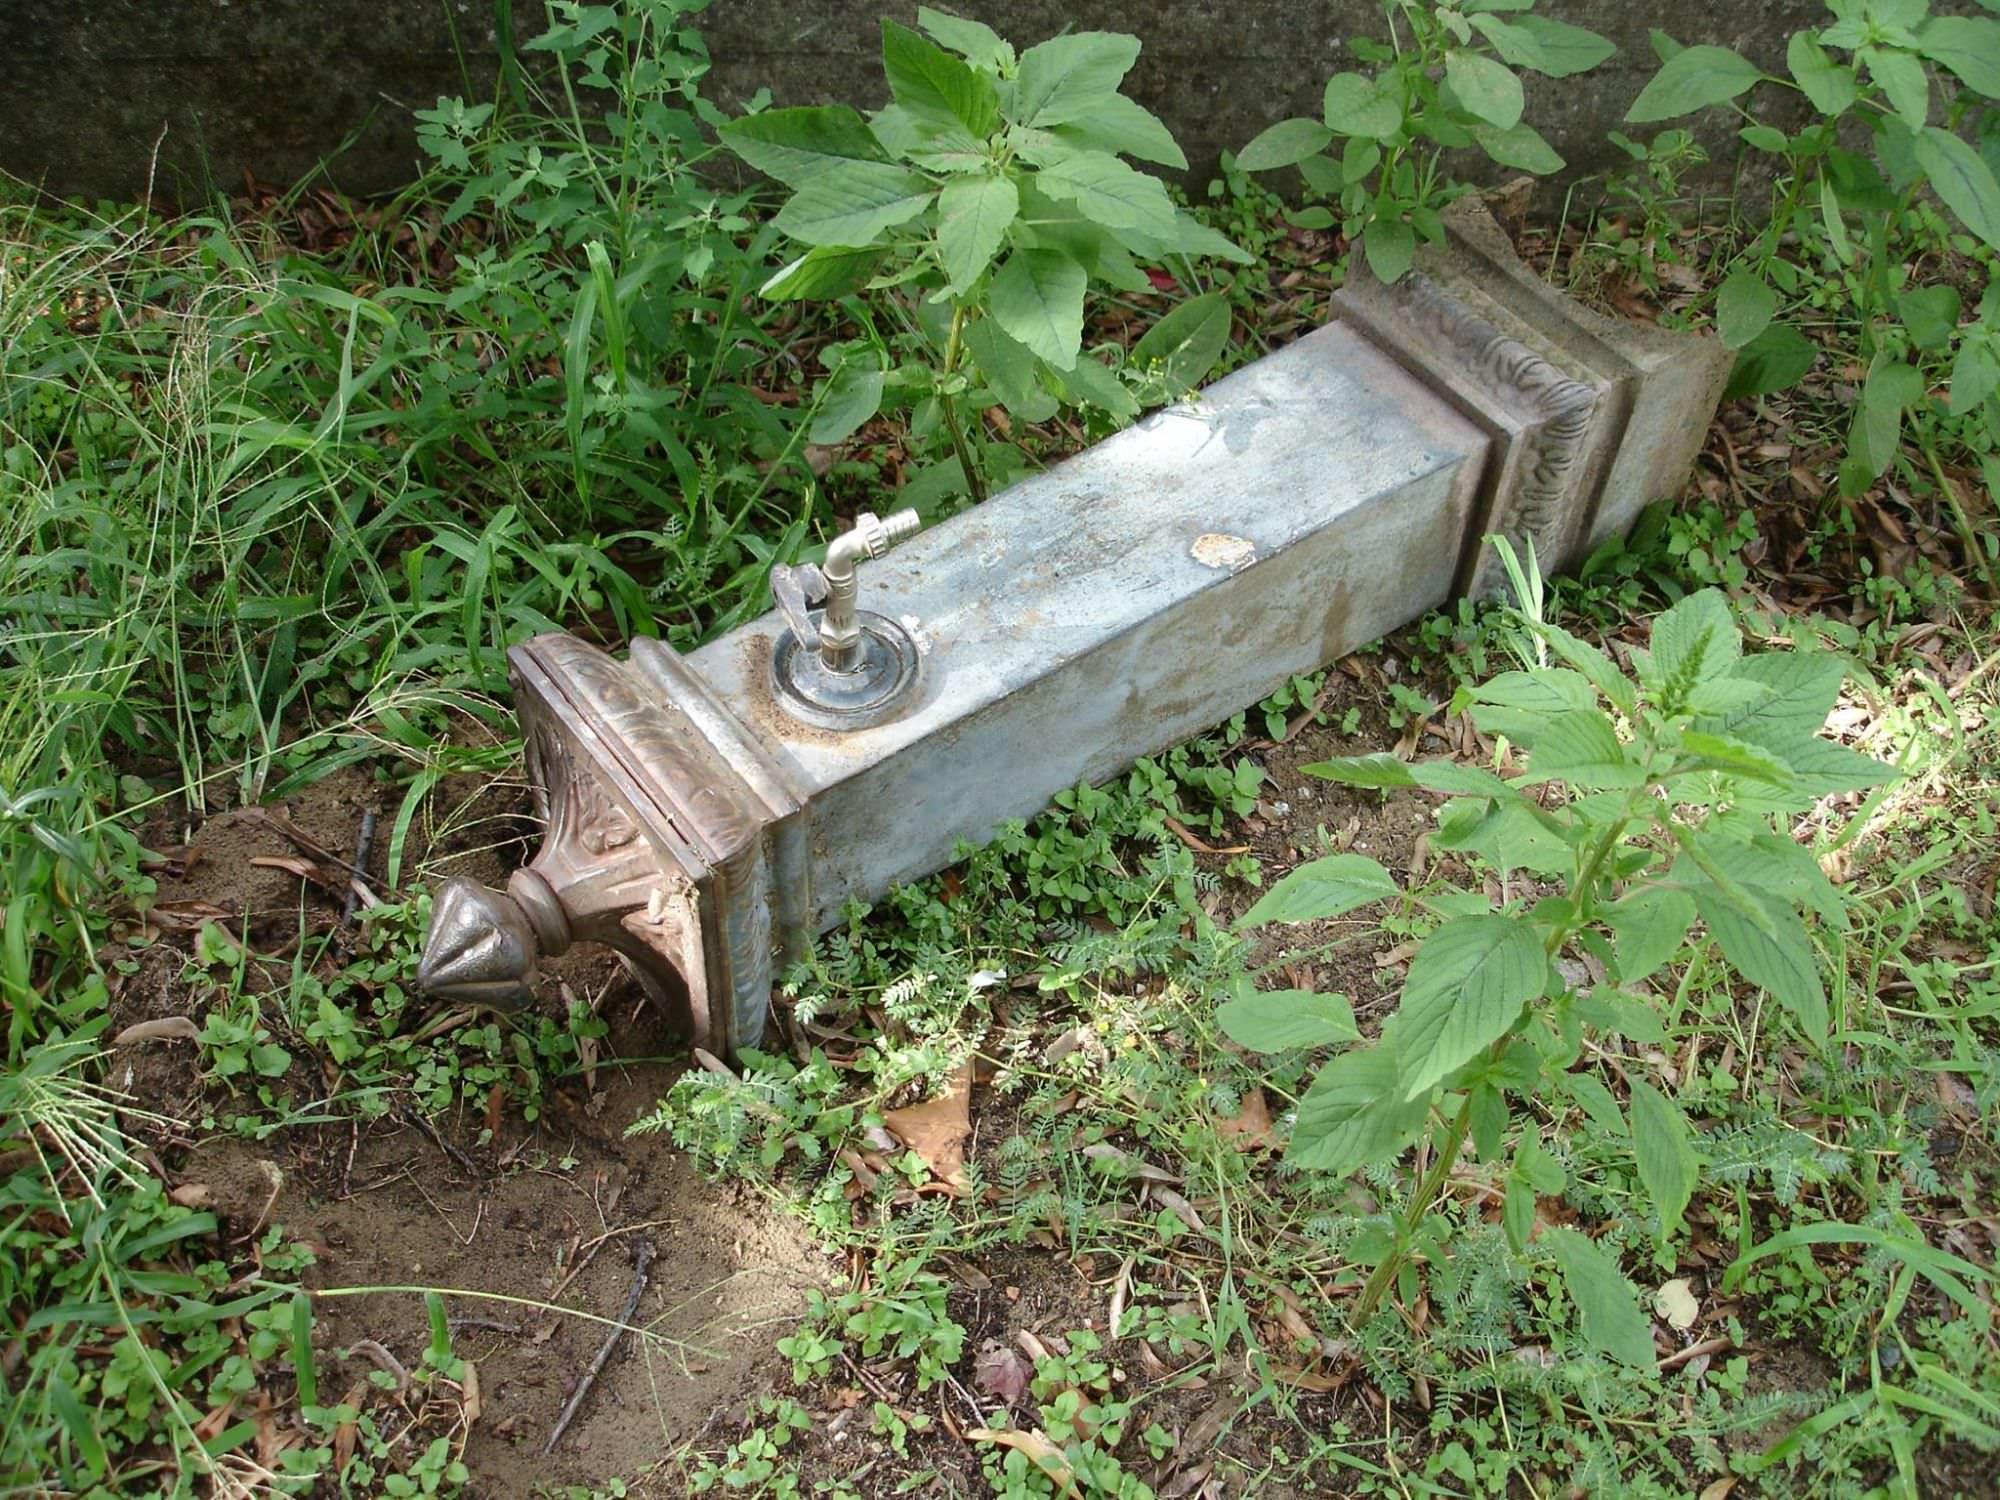 Vandali in azione a Massarosa: abbattuta una fontana pubblica (foto)